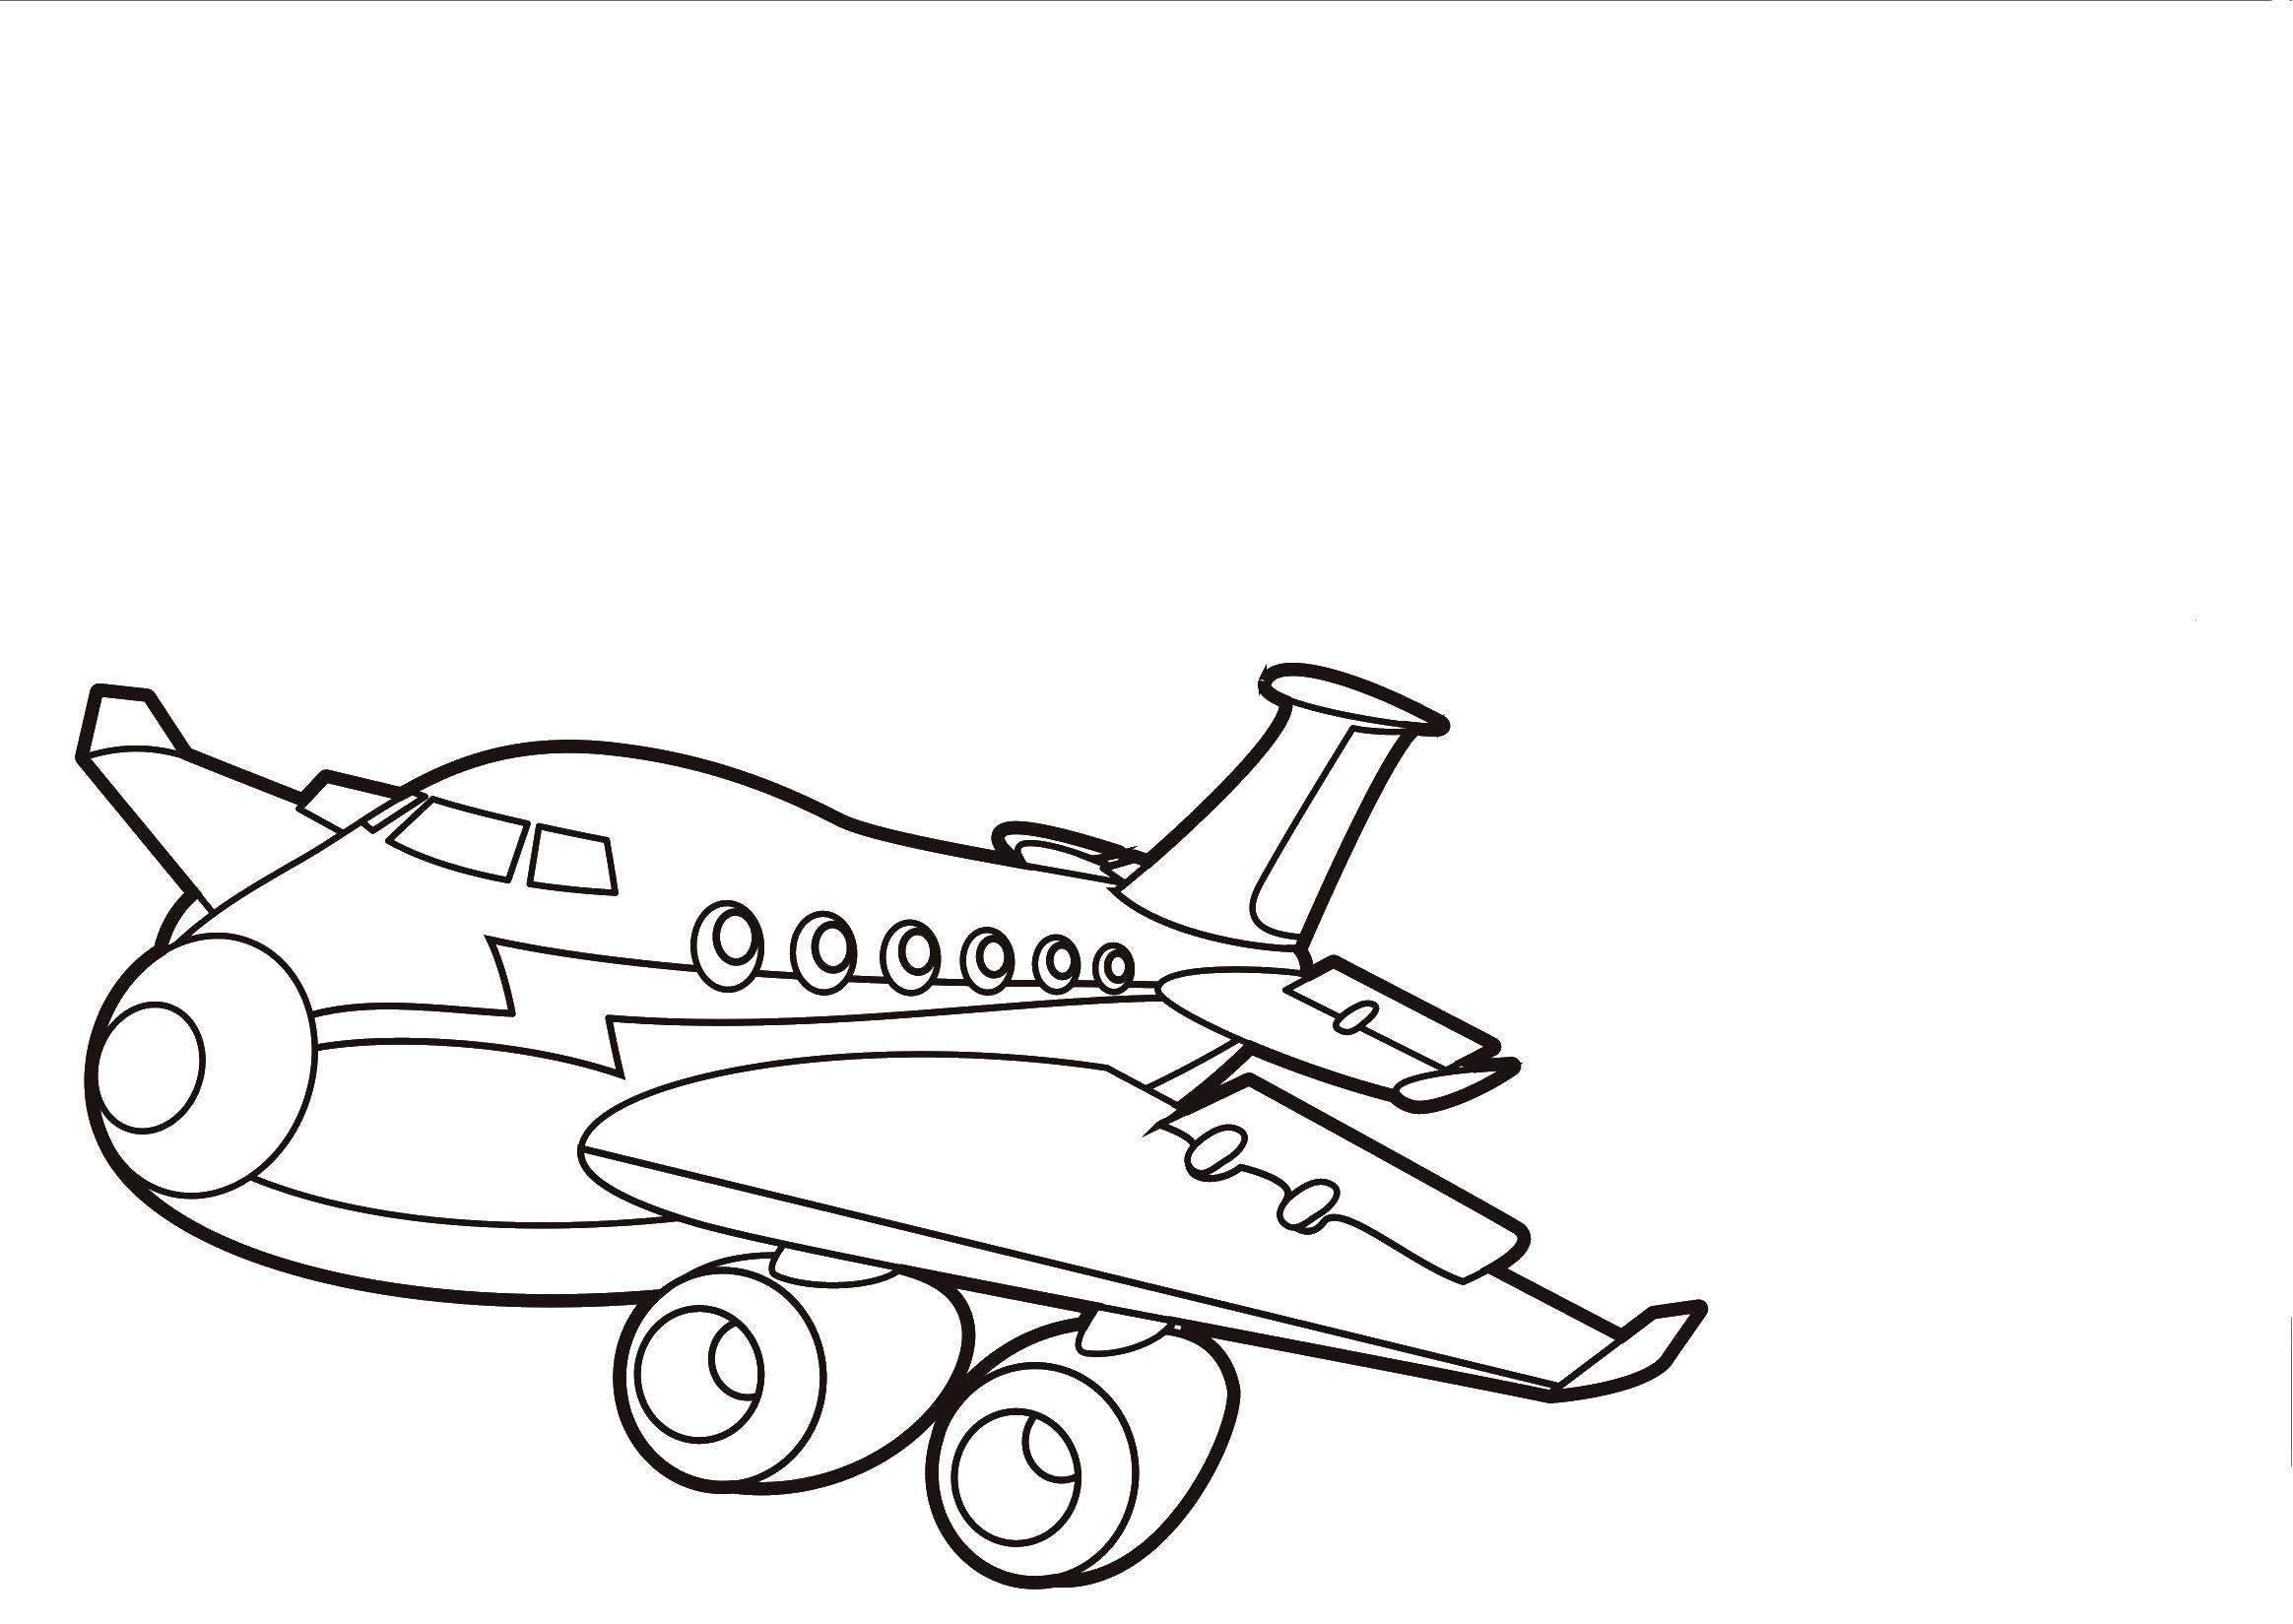 Раскраска самолеты Скачать Алфавит, буквы, слова.  Распечатать ,английские слова,